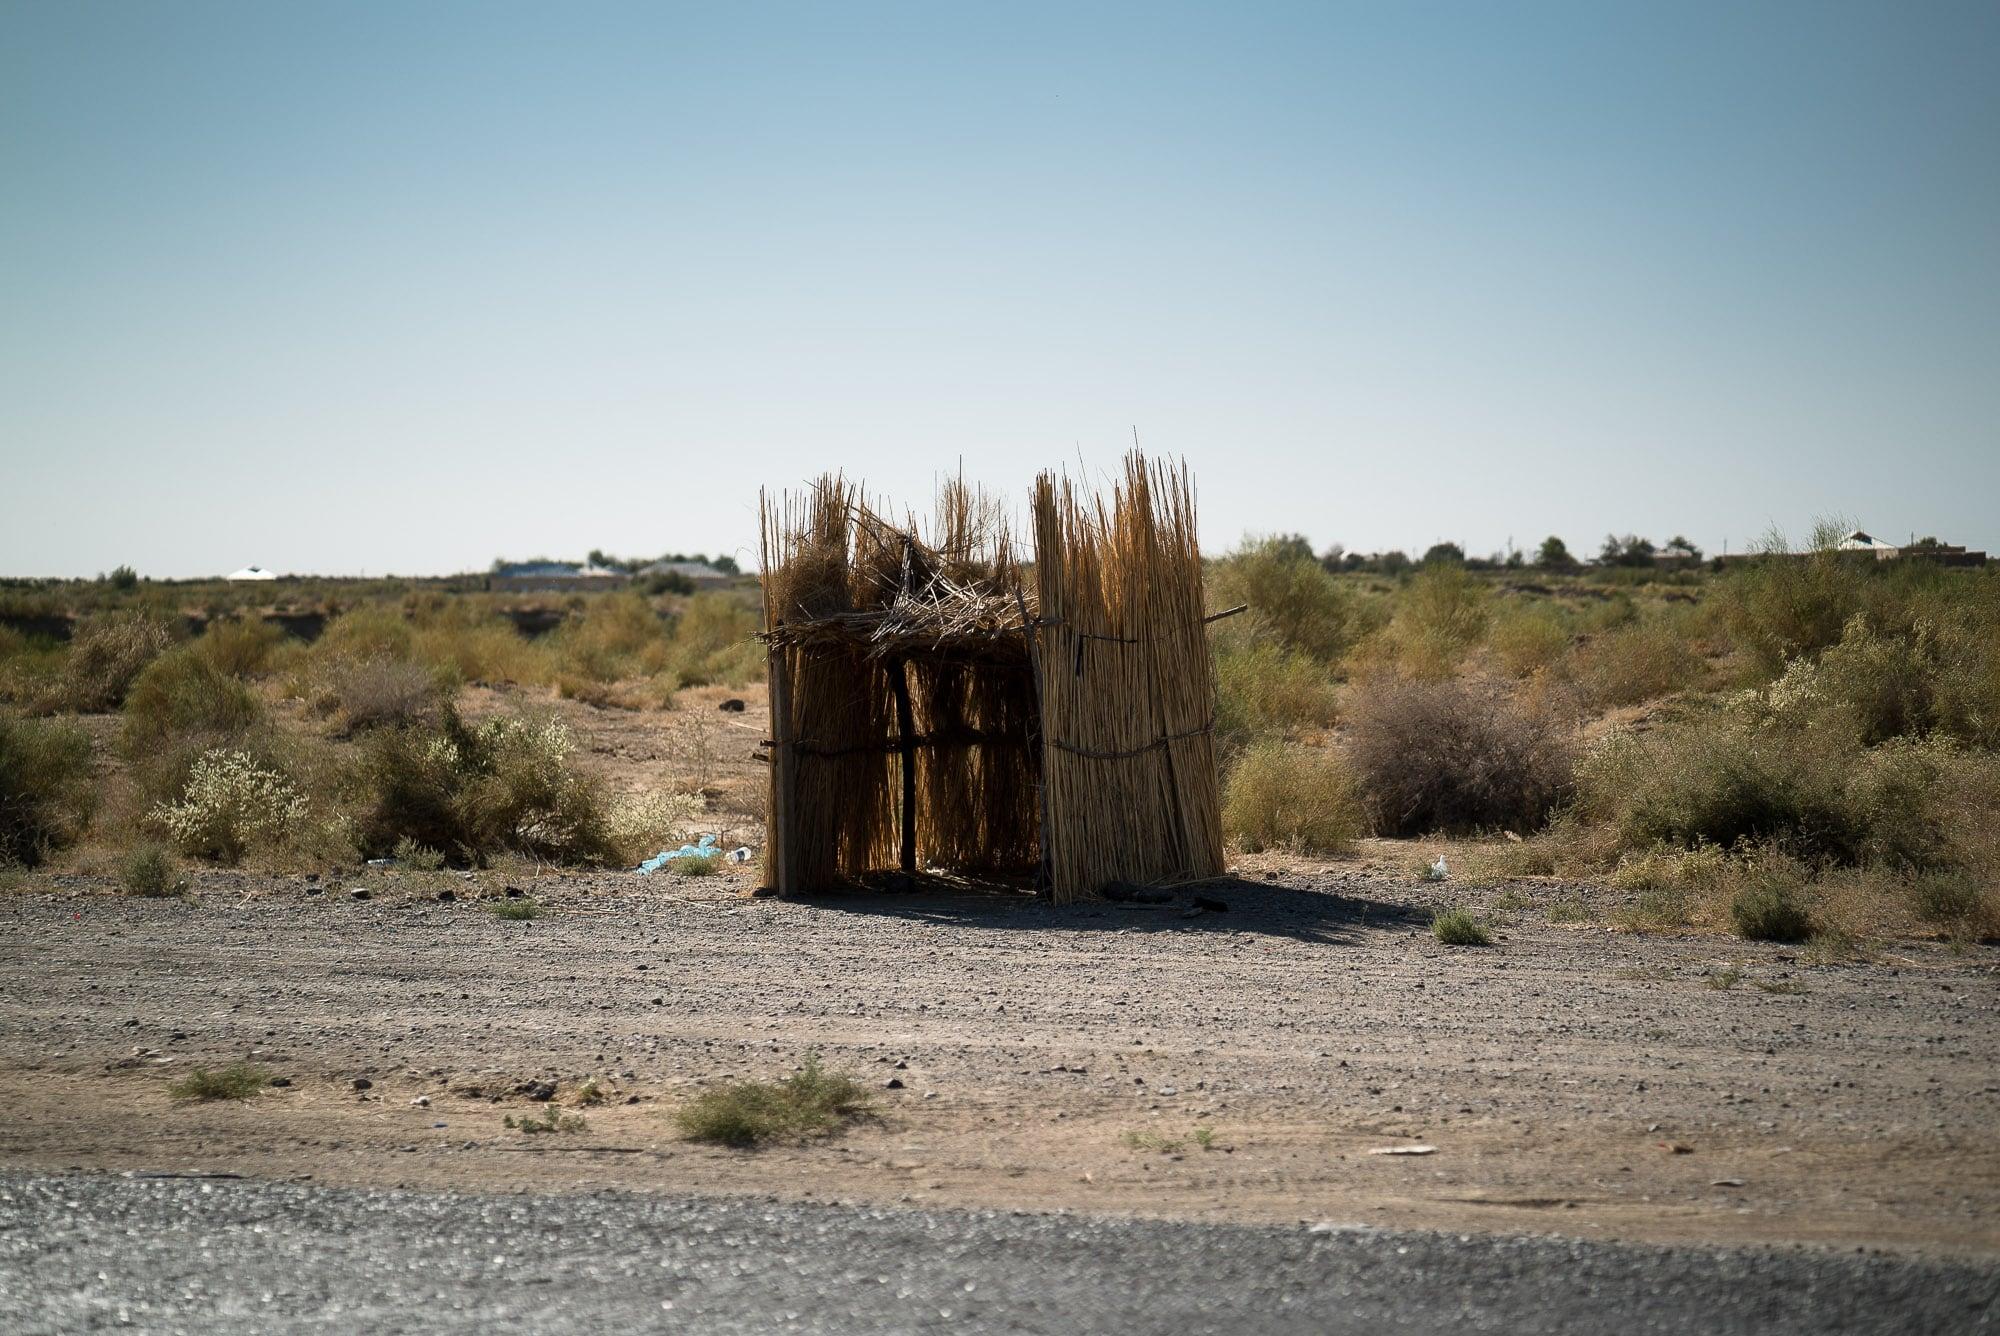 straw hut